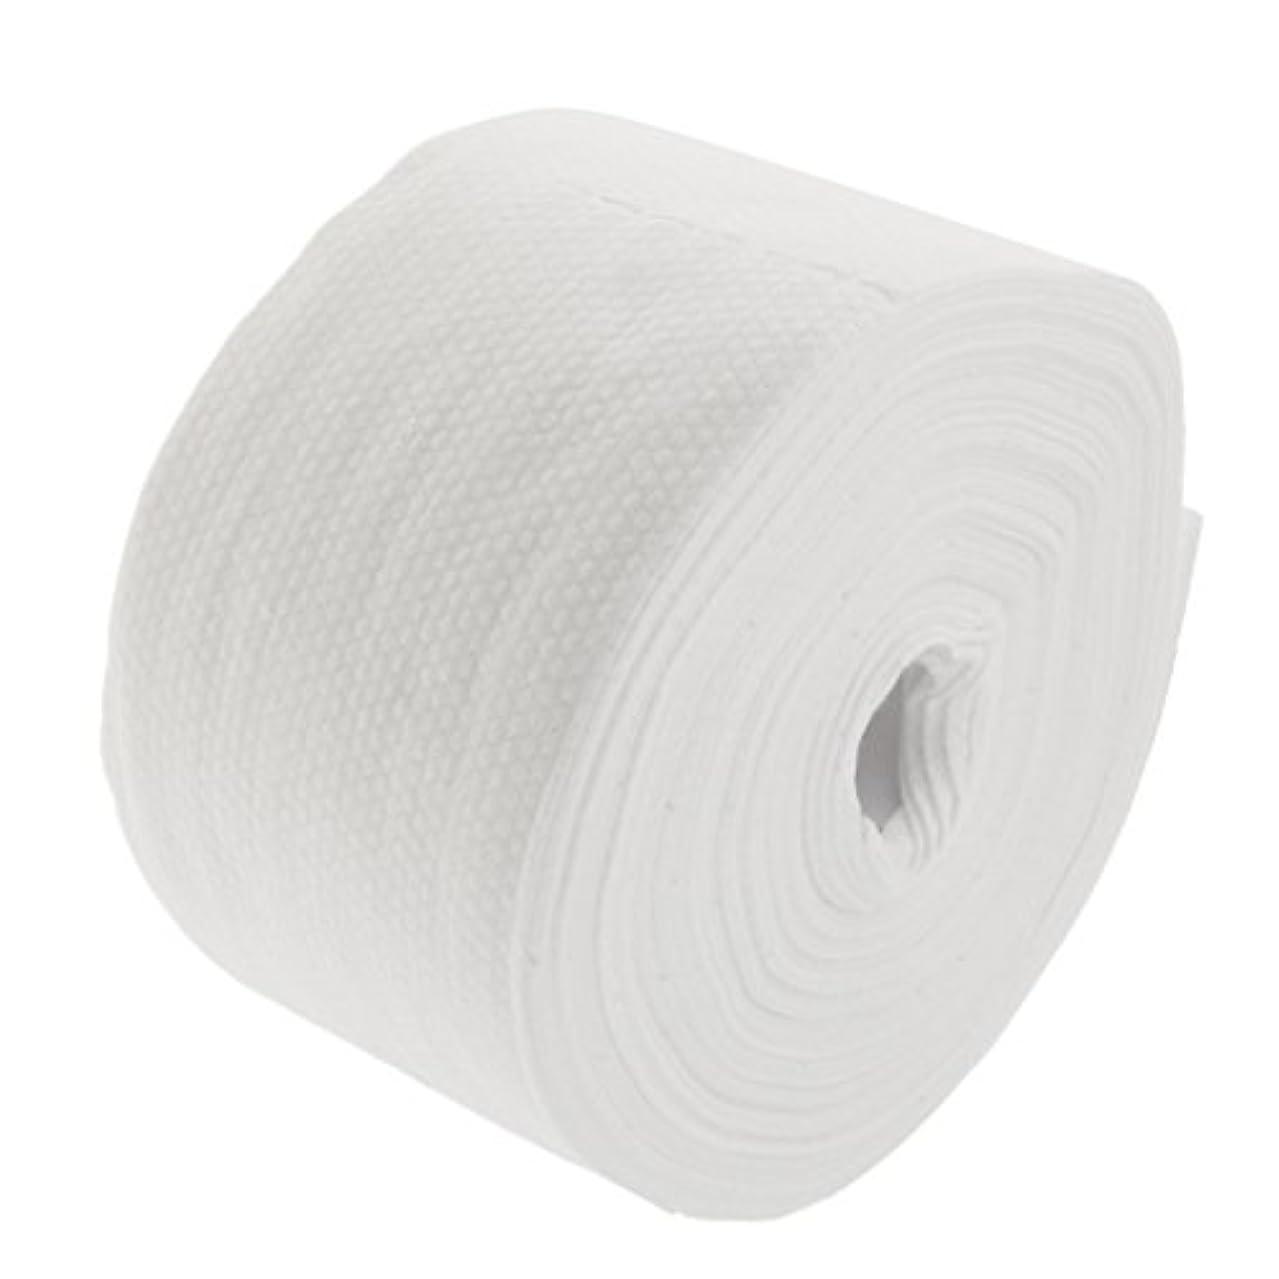 ええイベント退却30メートルの使い捨て可能な綿タオル繊維クレンジングフェイシャルワイプメイク落とし - #2